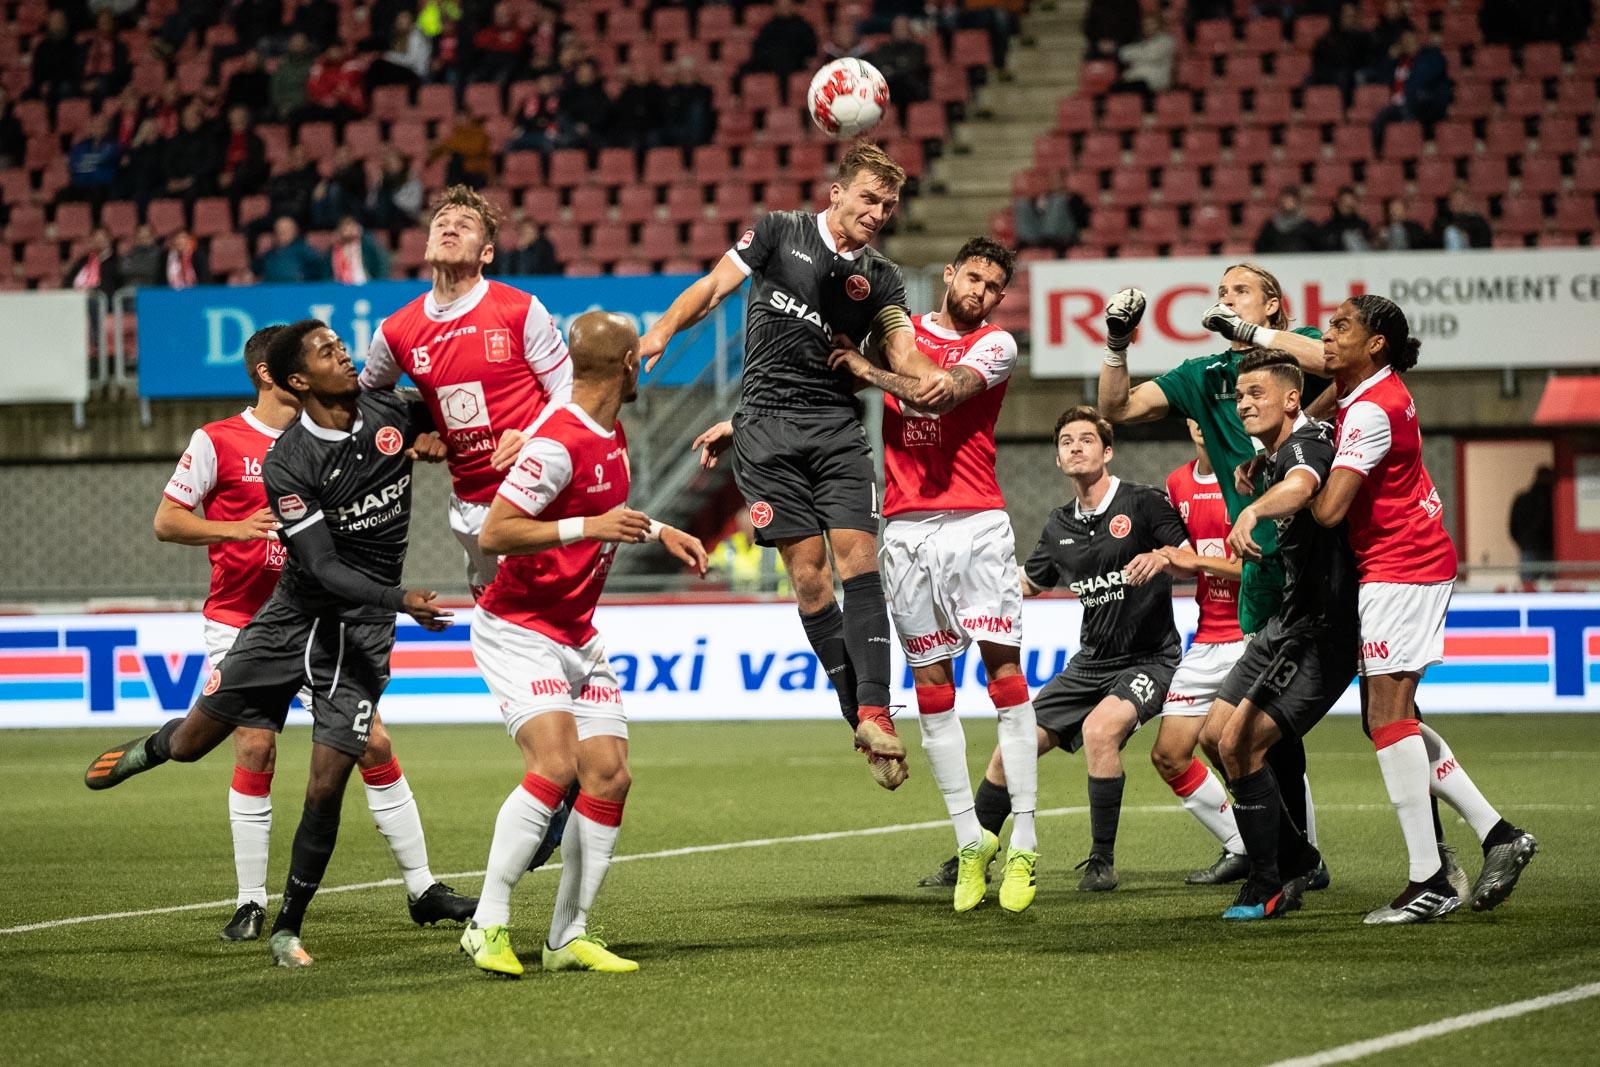 Mokerslag aan de Maas: 3-2